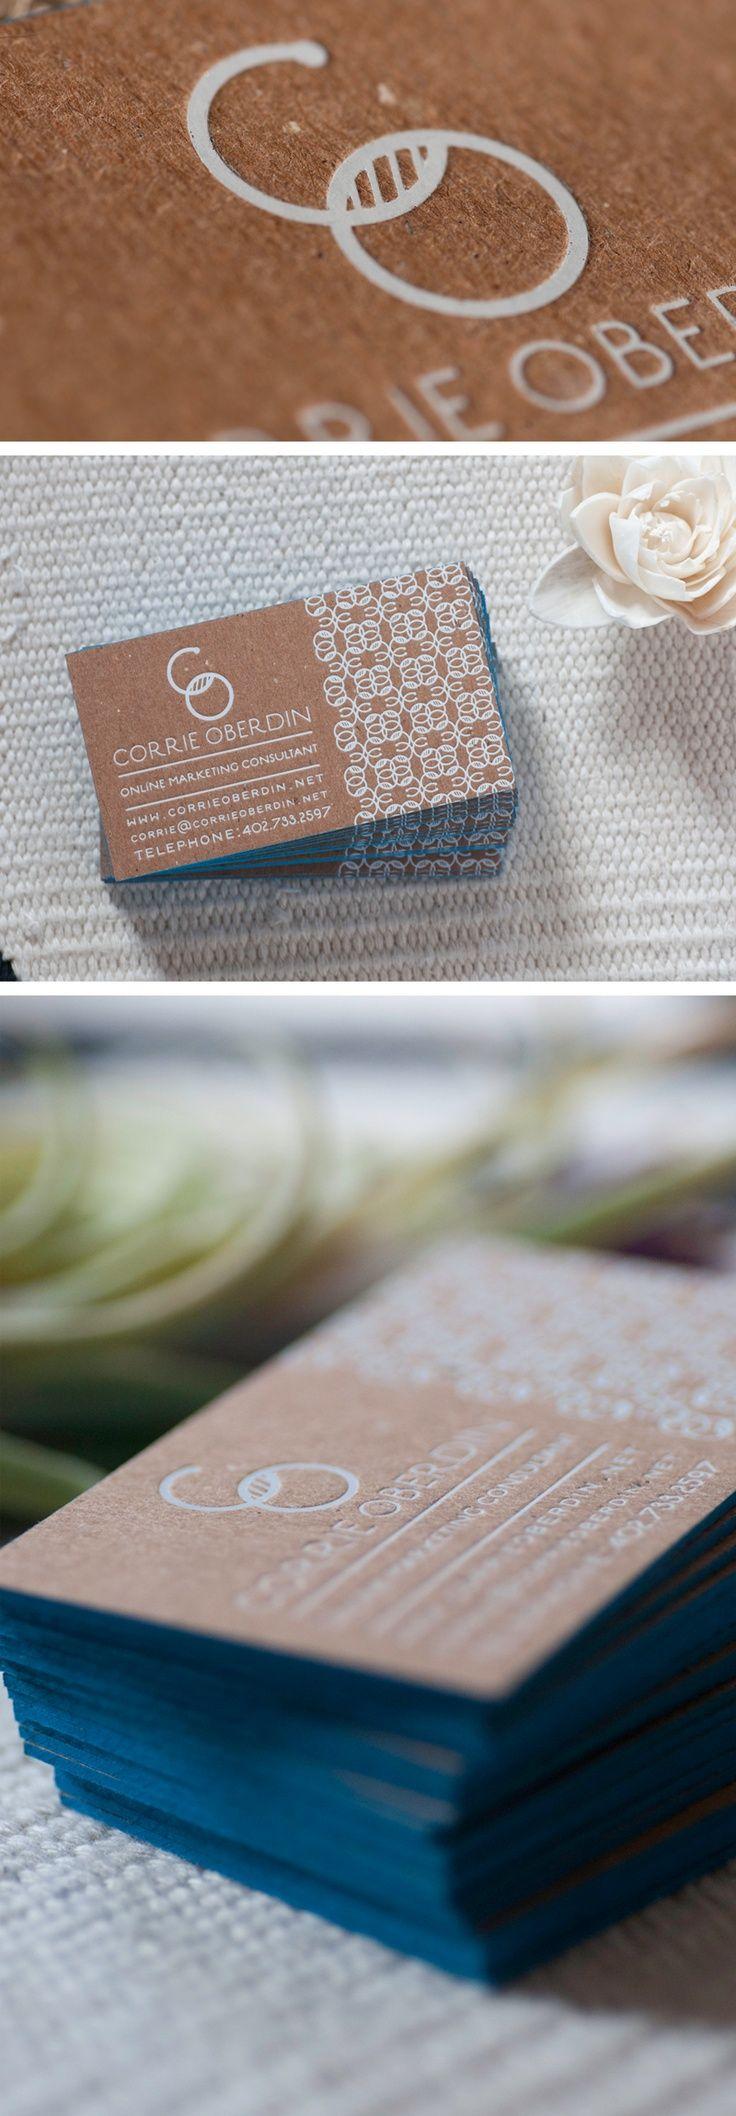 Matte white foil on kraft stock | Creative / Innovative Business ...